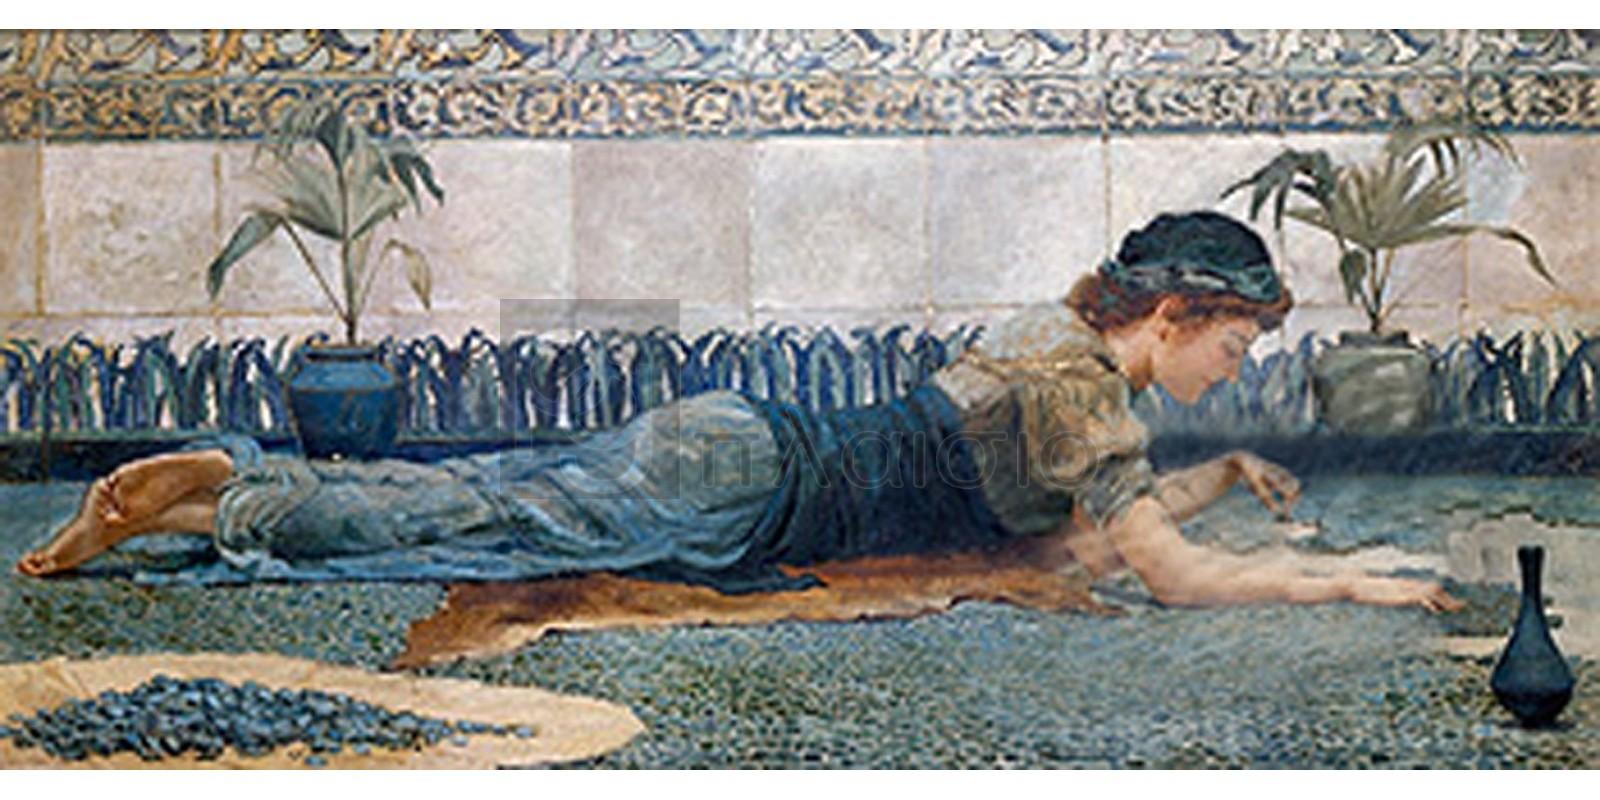 Hale - Blue Mosaic